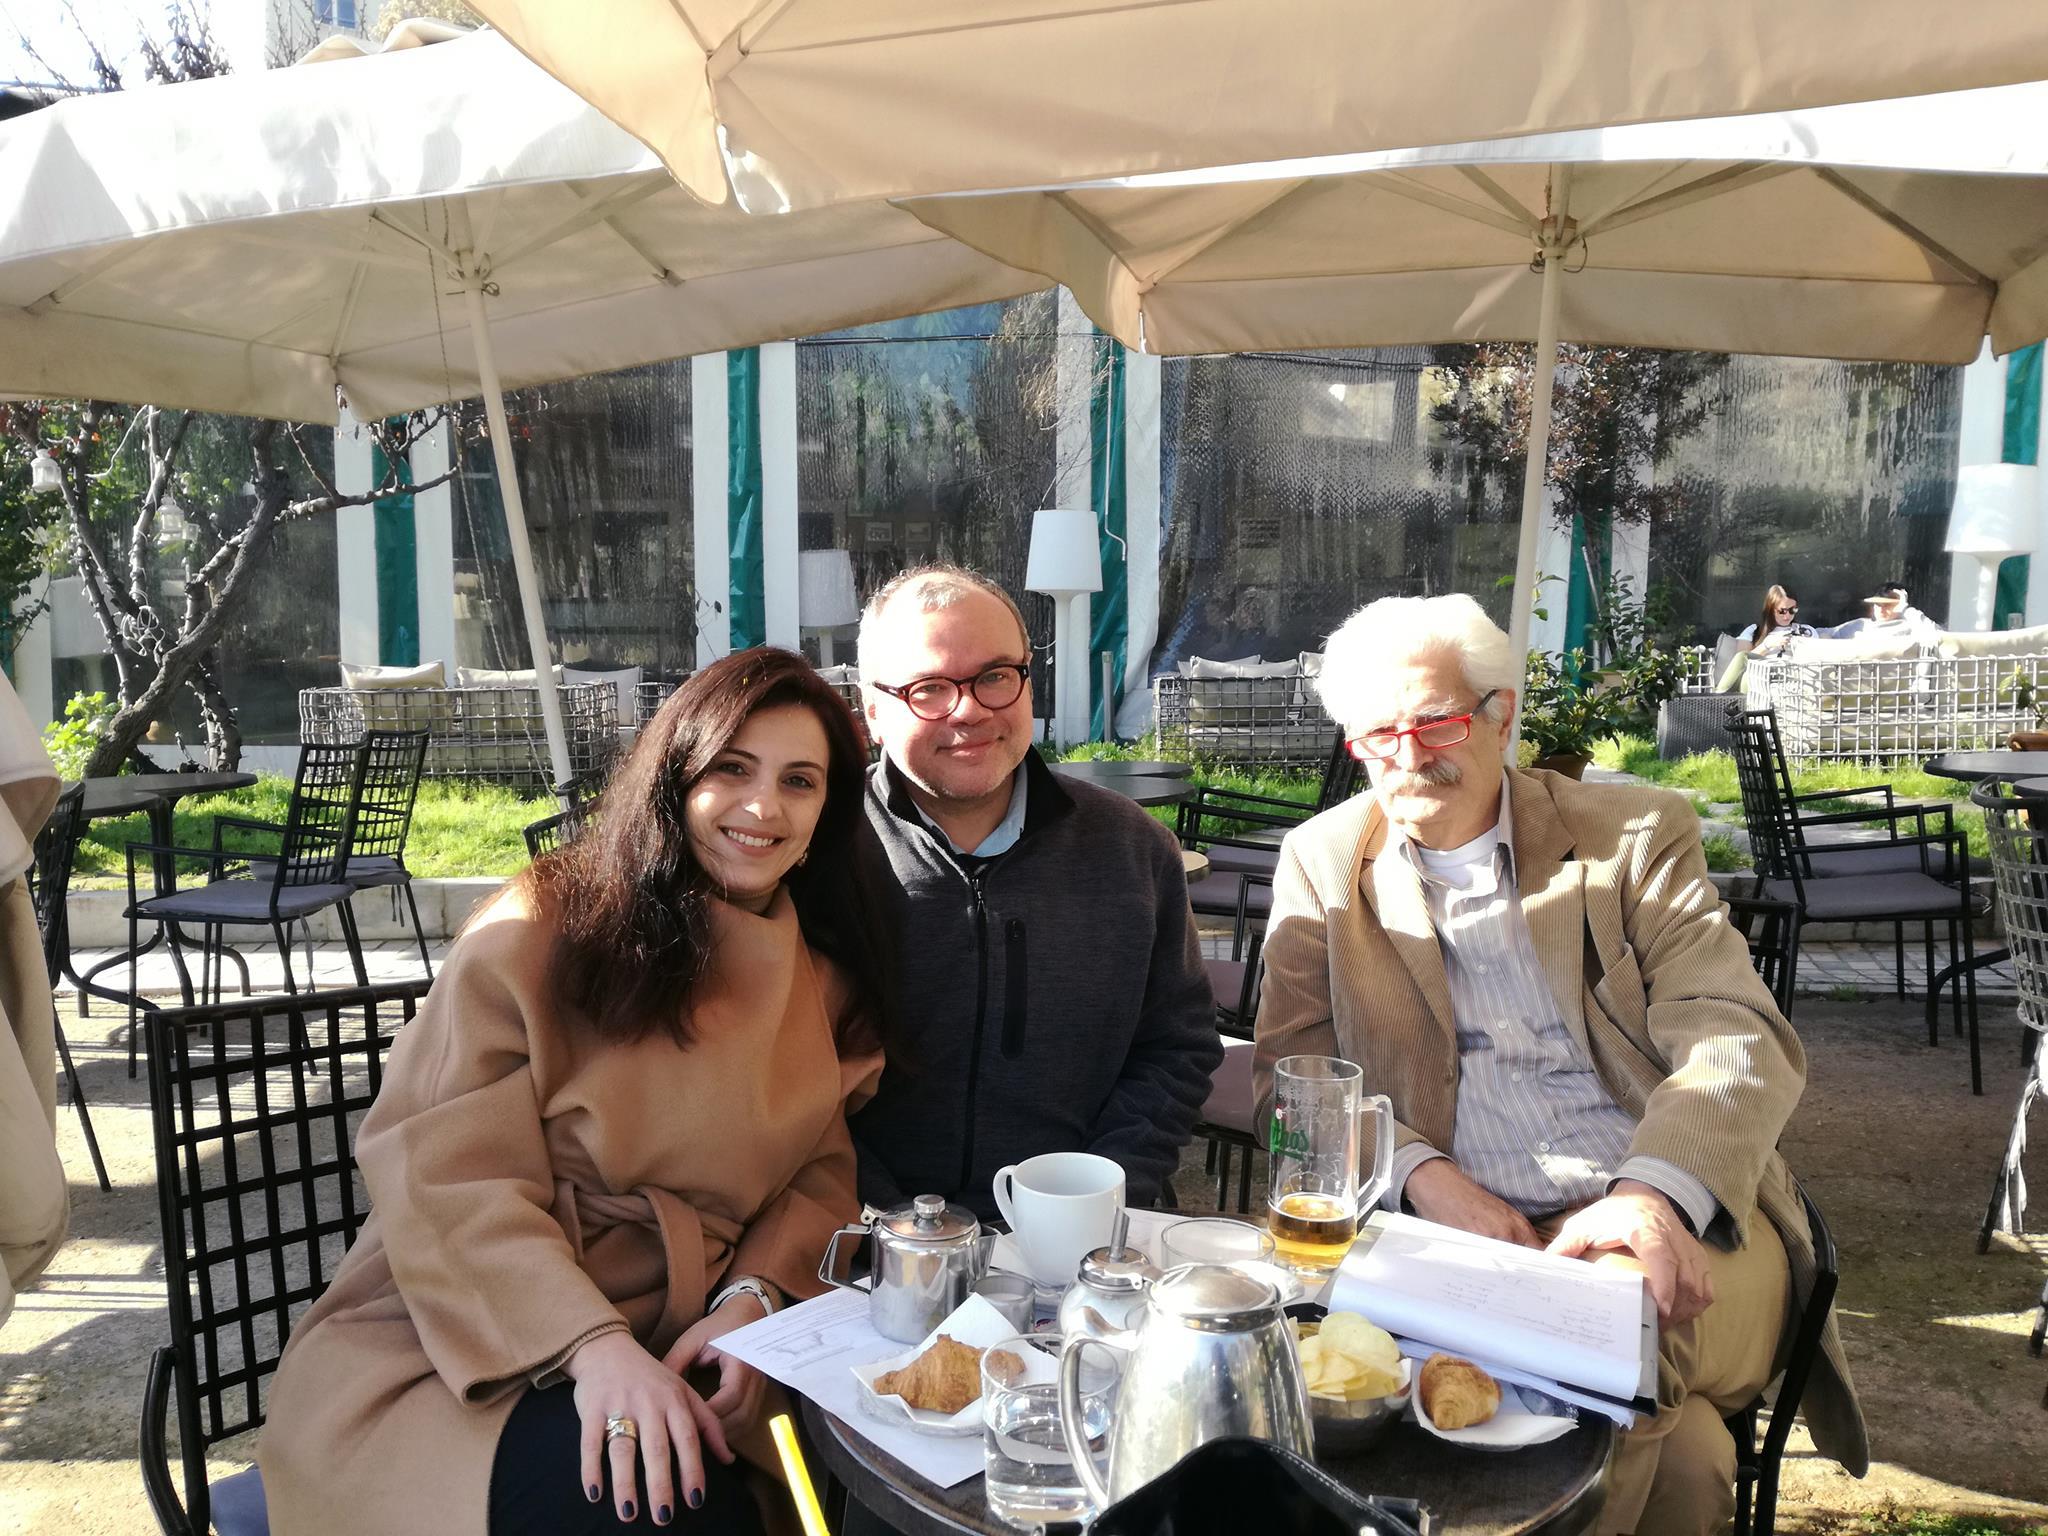 Αθηνά Σοκόλη, Maurizio De Rosa & Enzo Terzi